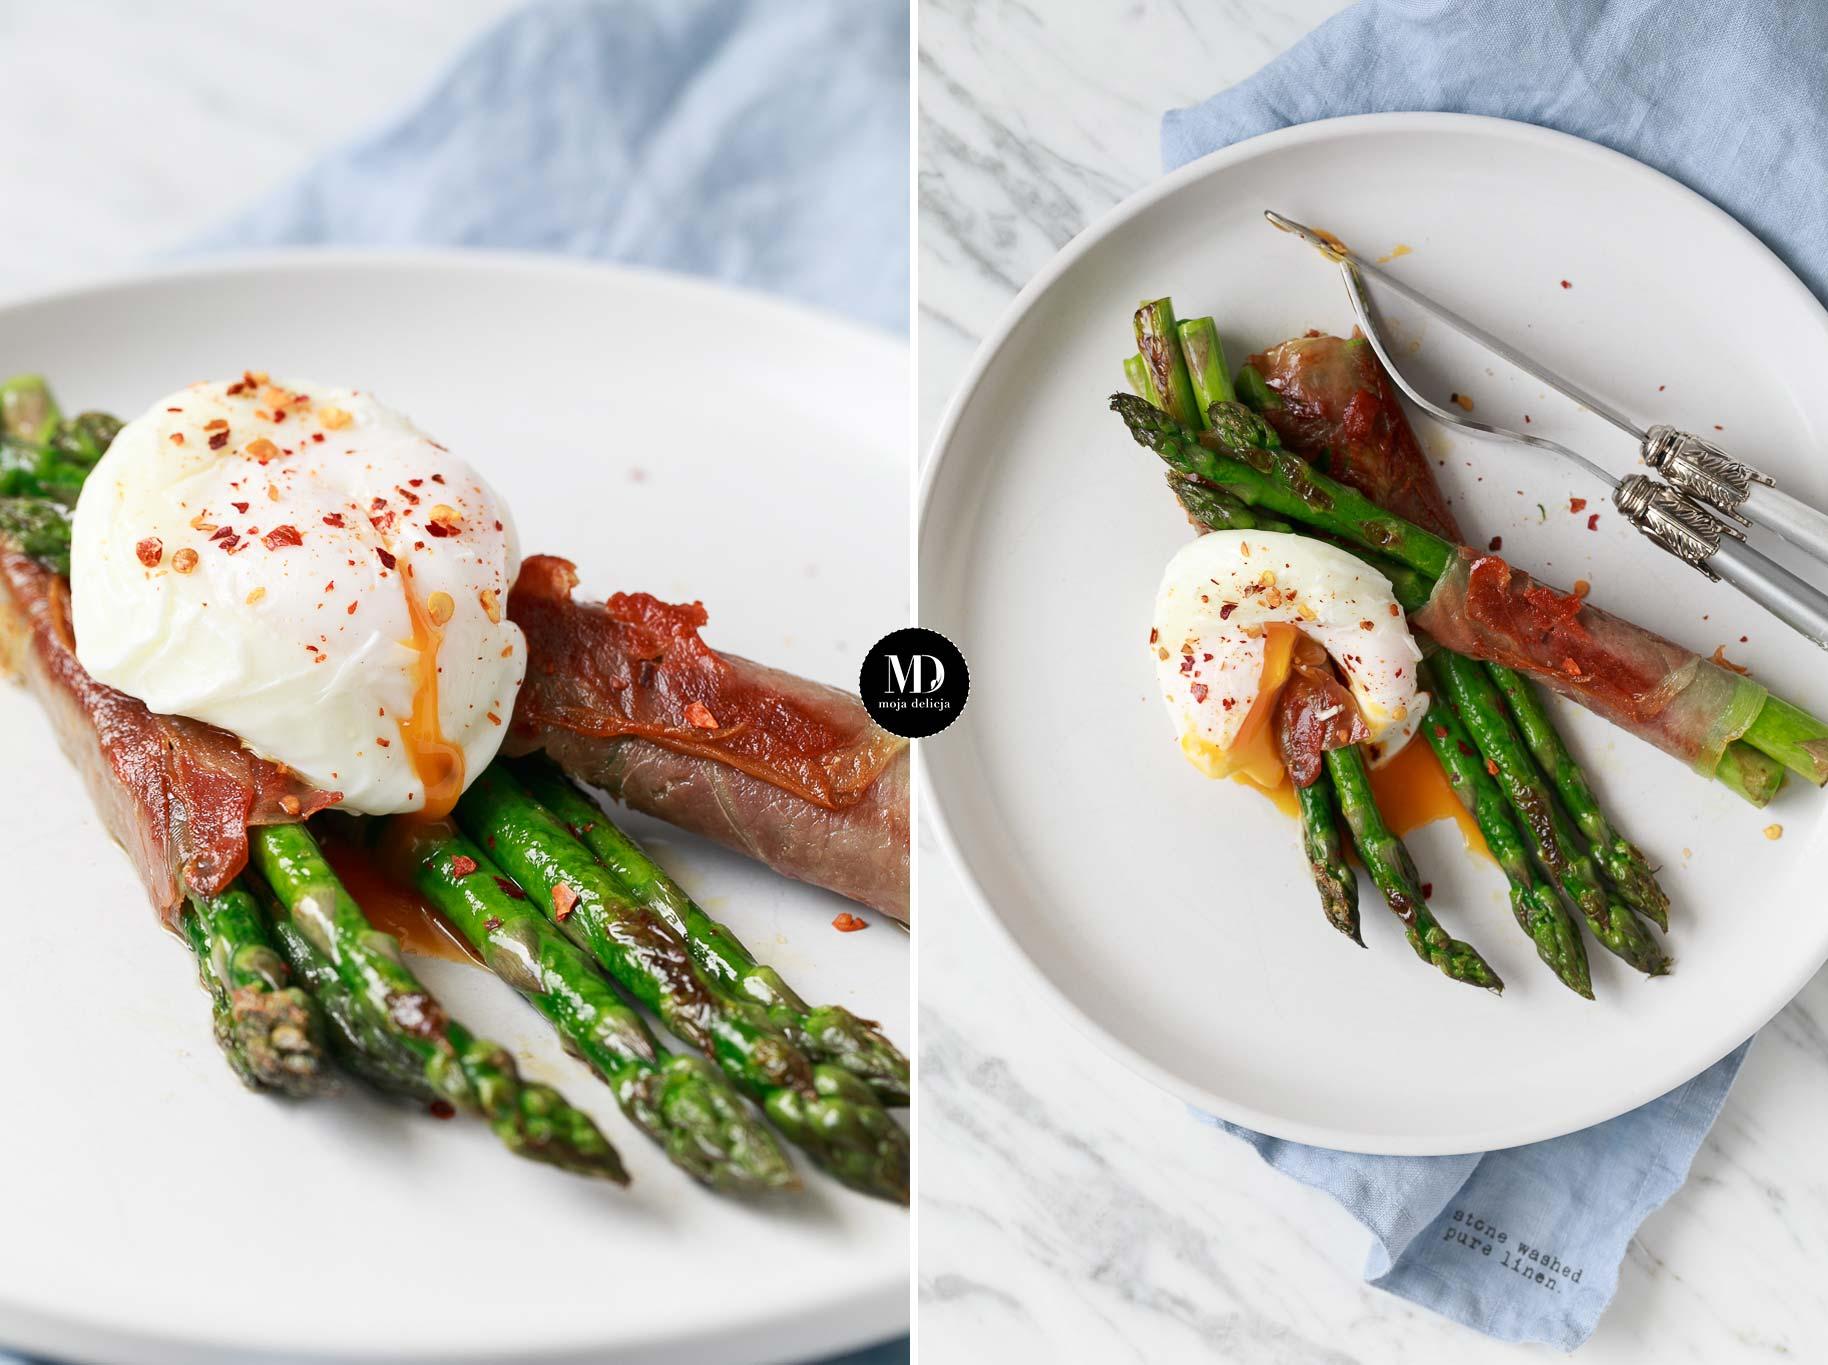 Szparagi w szynce z jajkiem w koszulce + porady jak przygotować danie wcześniej dla większej liczby osób